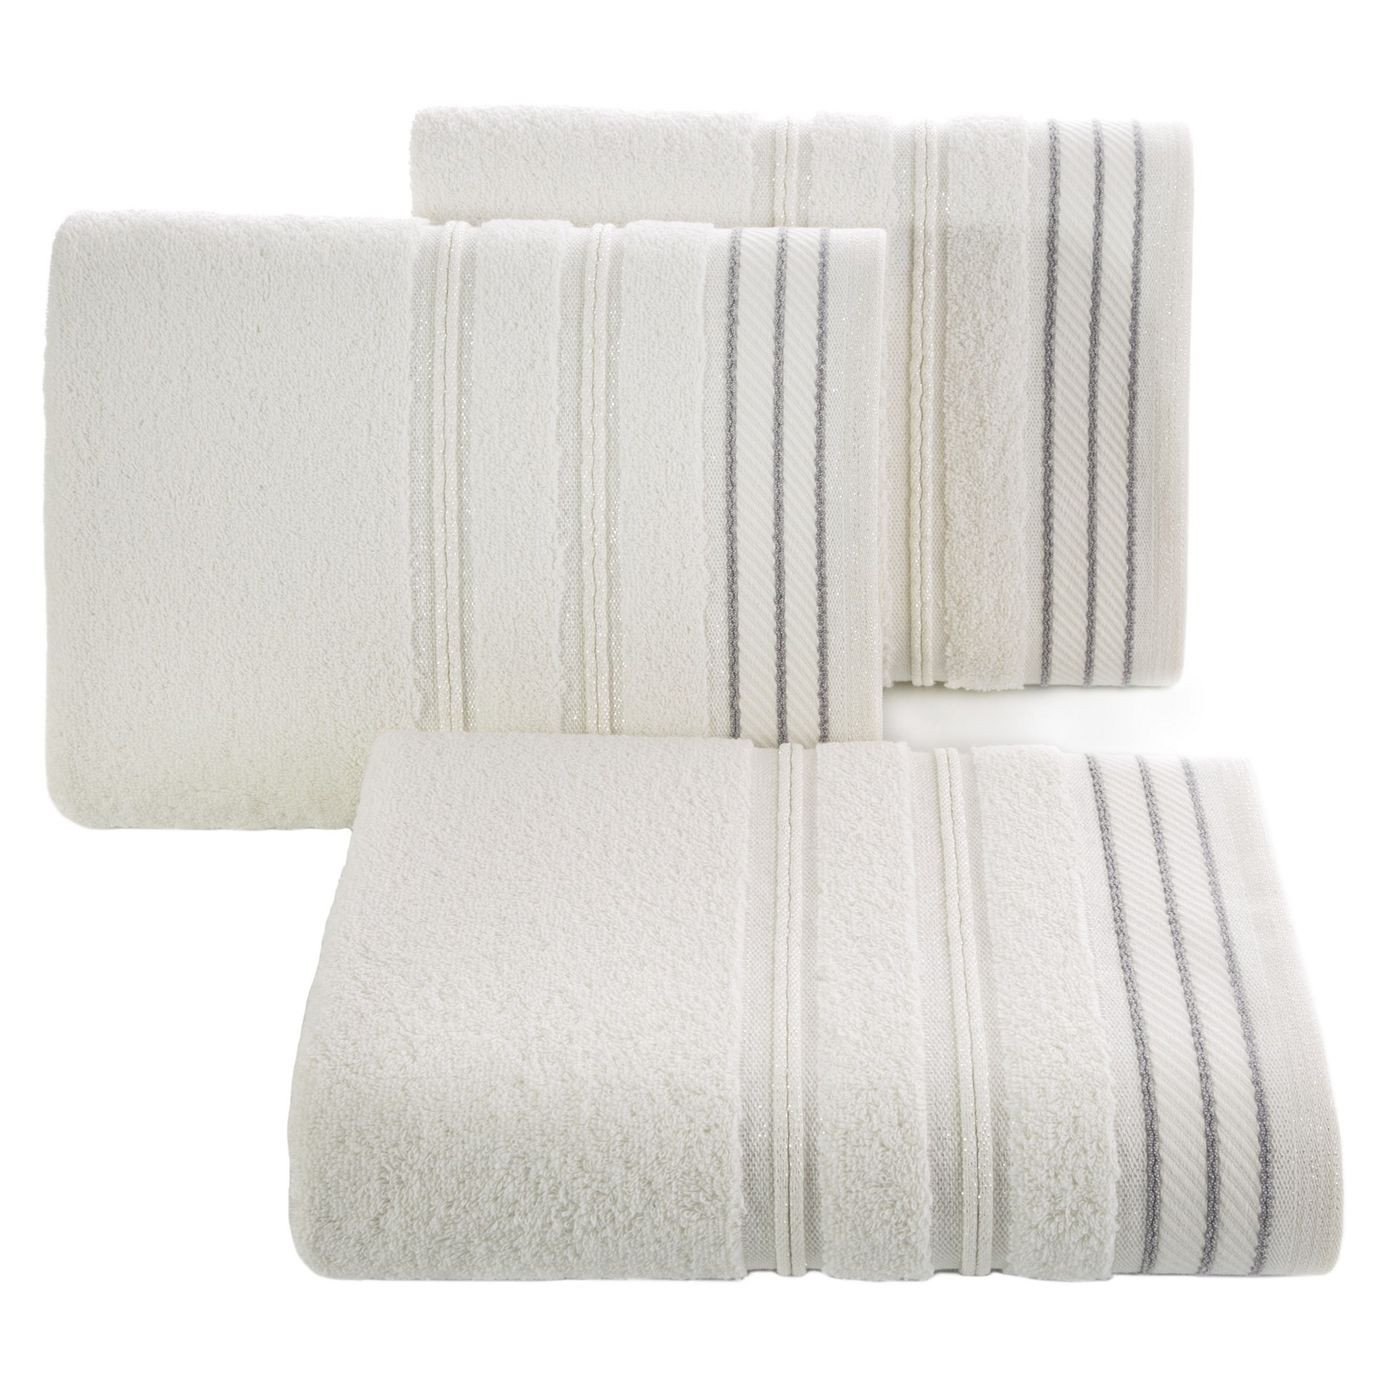 Ręcznik z bawełny z częścią ozdobną przetykaną błyszczącą nicią 50x90cm